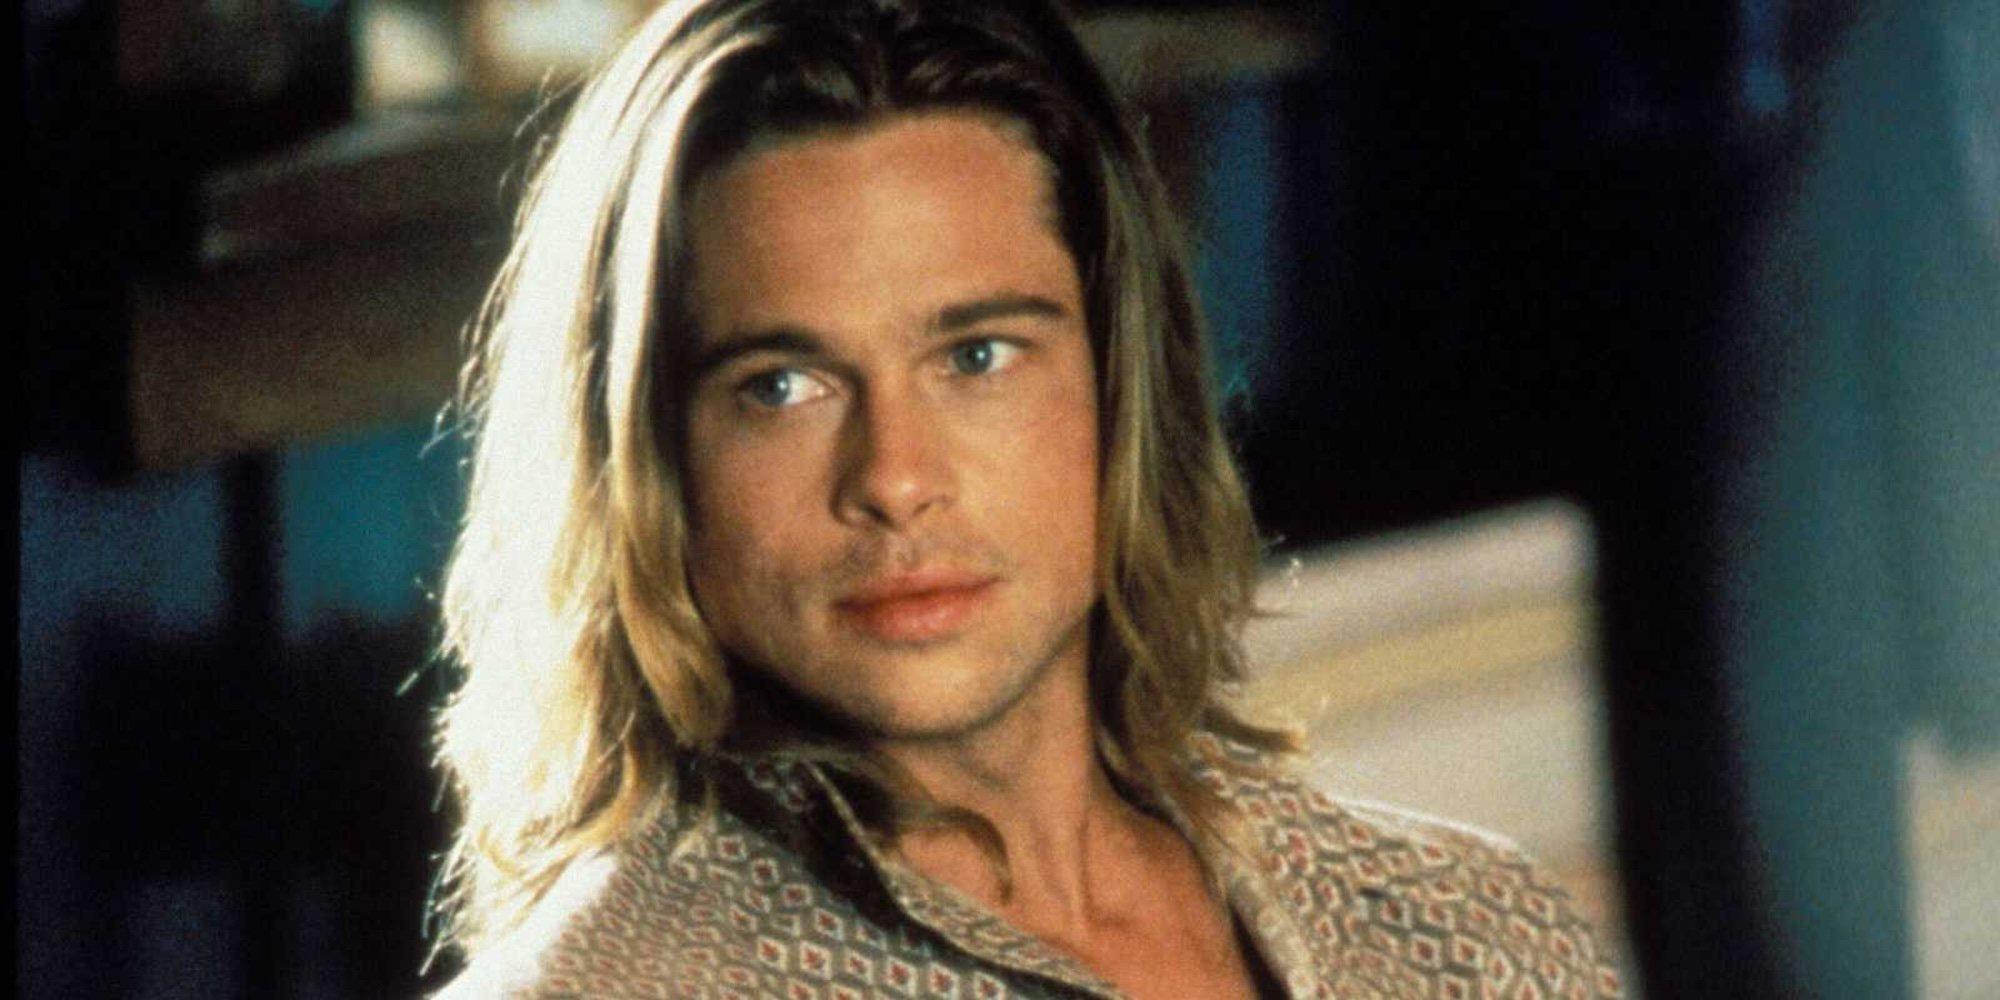 'Leyendas de pasión, 'Troya' y otras películas en las que Brad Pitt consiguió enamorar